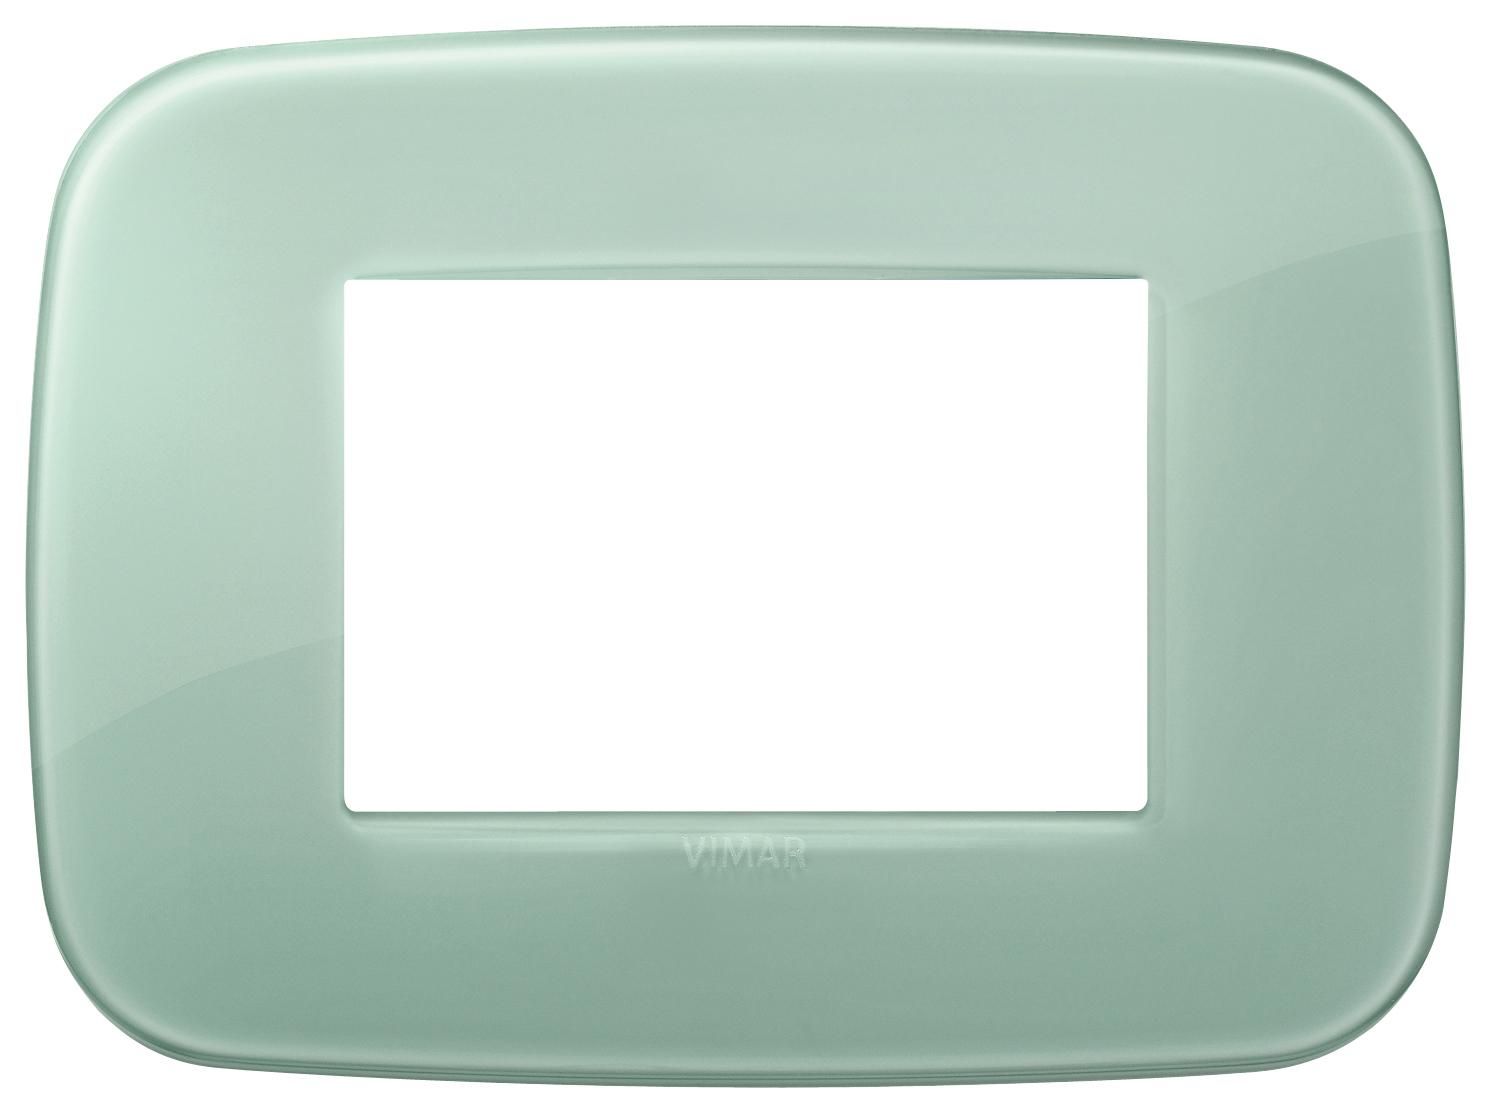 Code Couleur Vert Sauge catalogue produits - plaques round reflex: plaque round 3m